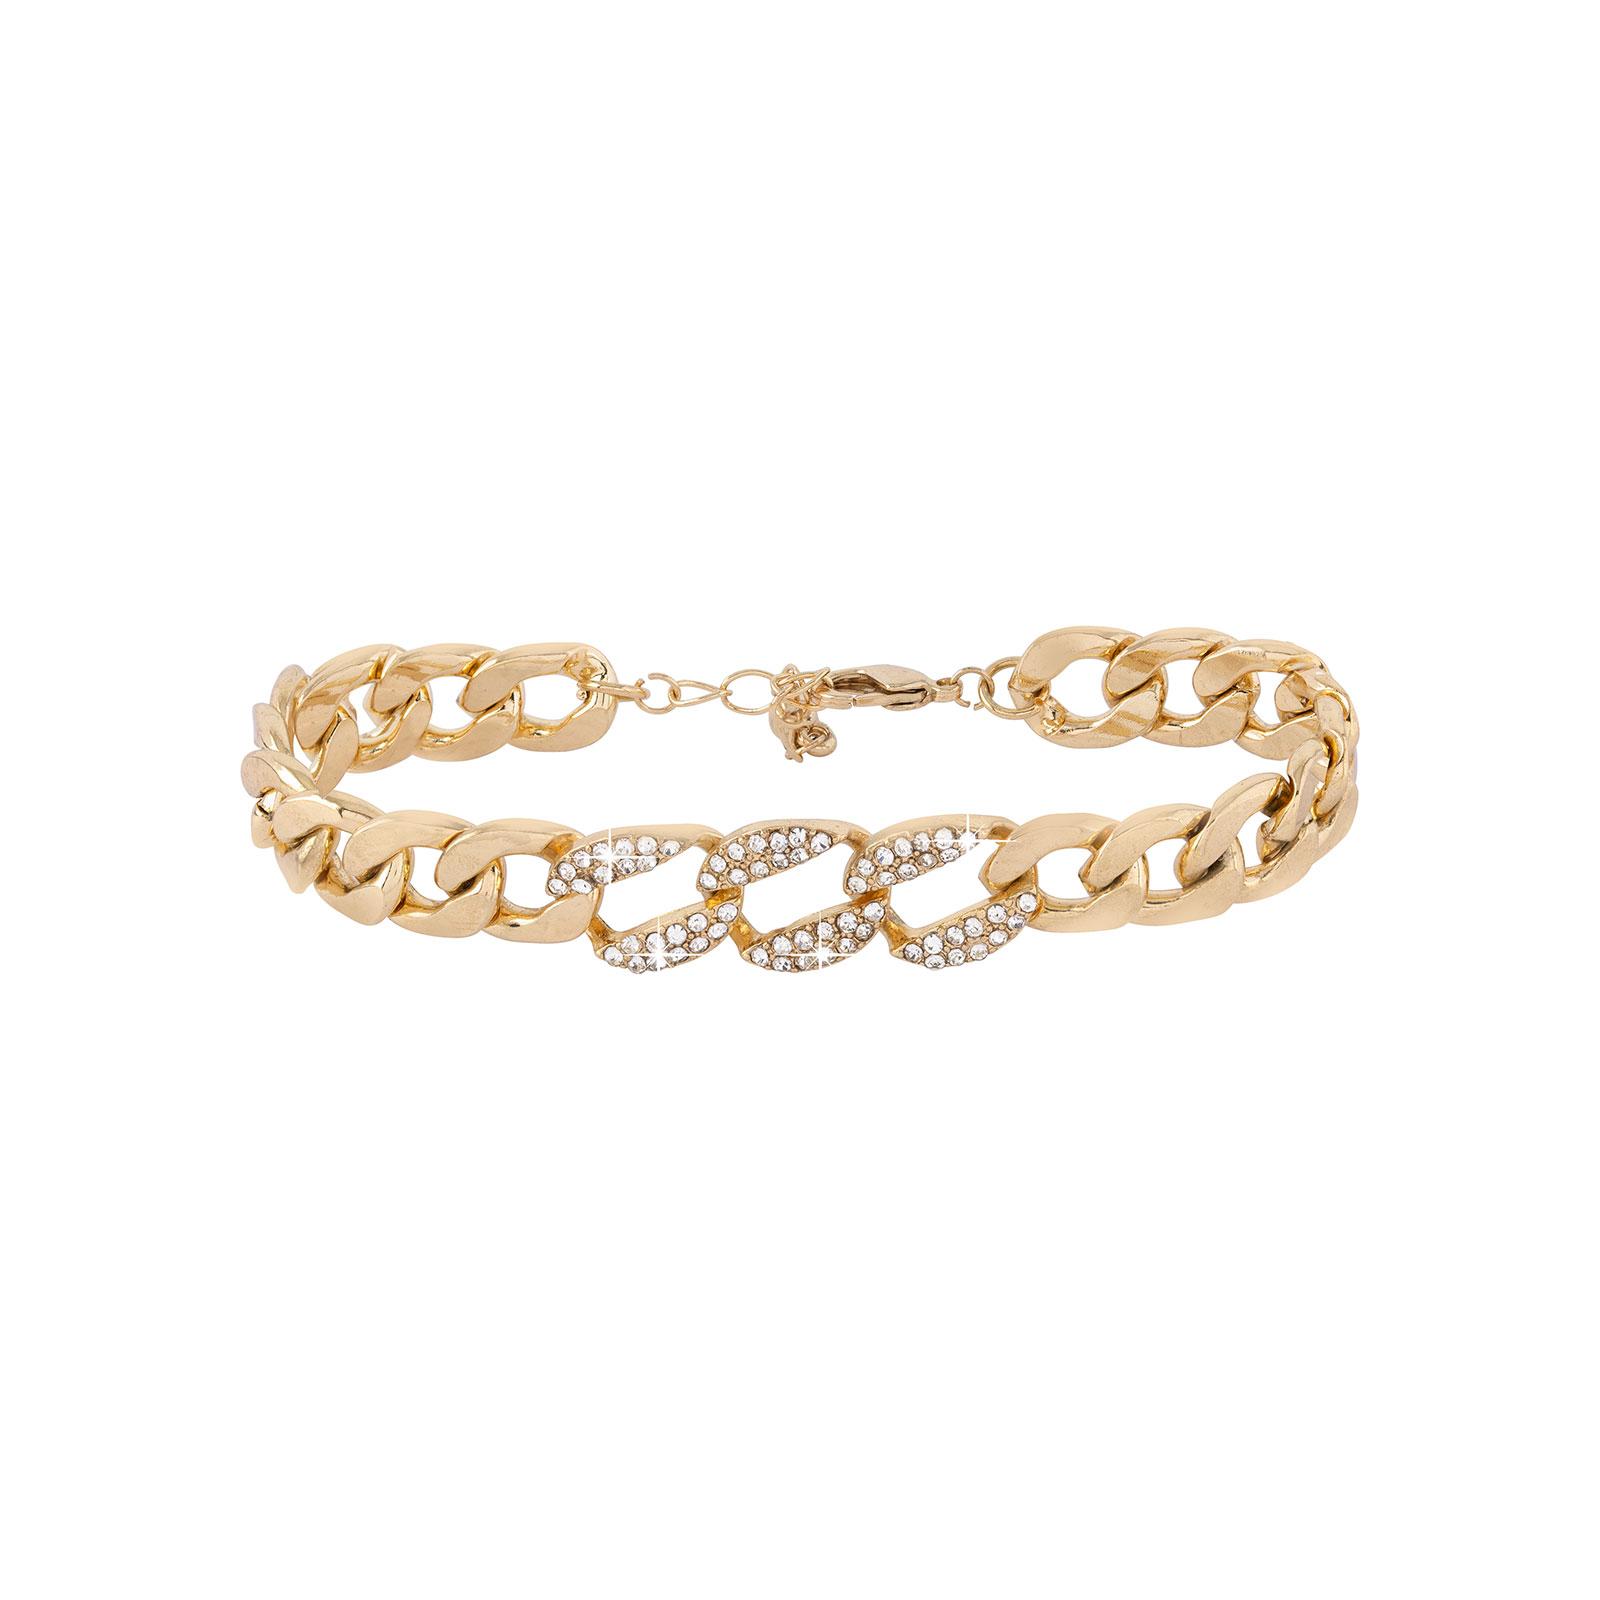 Armband - guldfärgad kedja med vita stenar